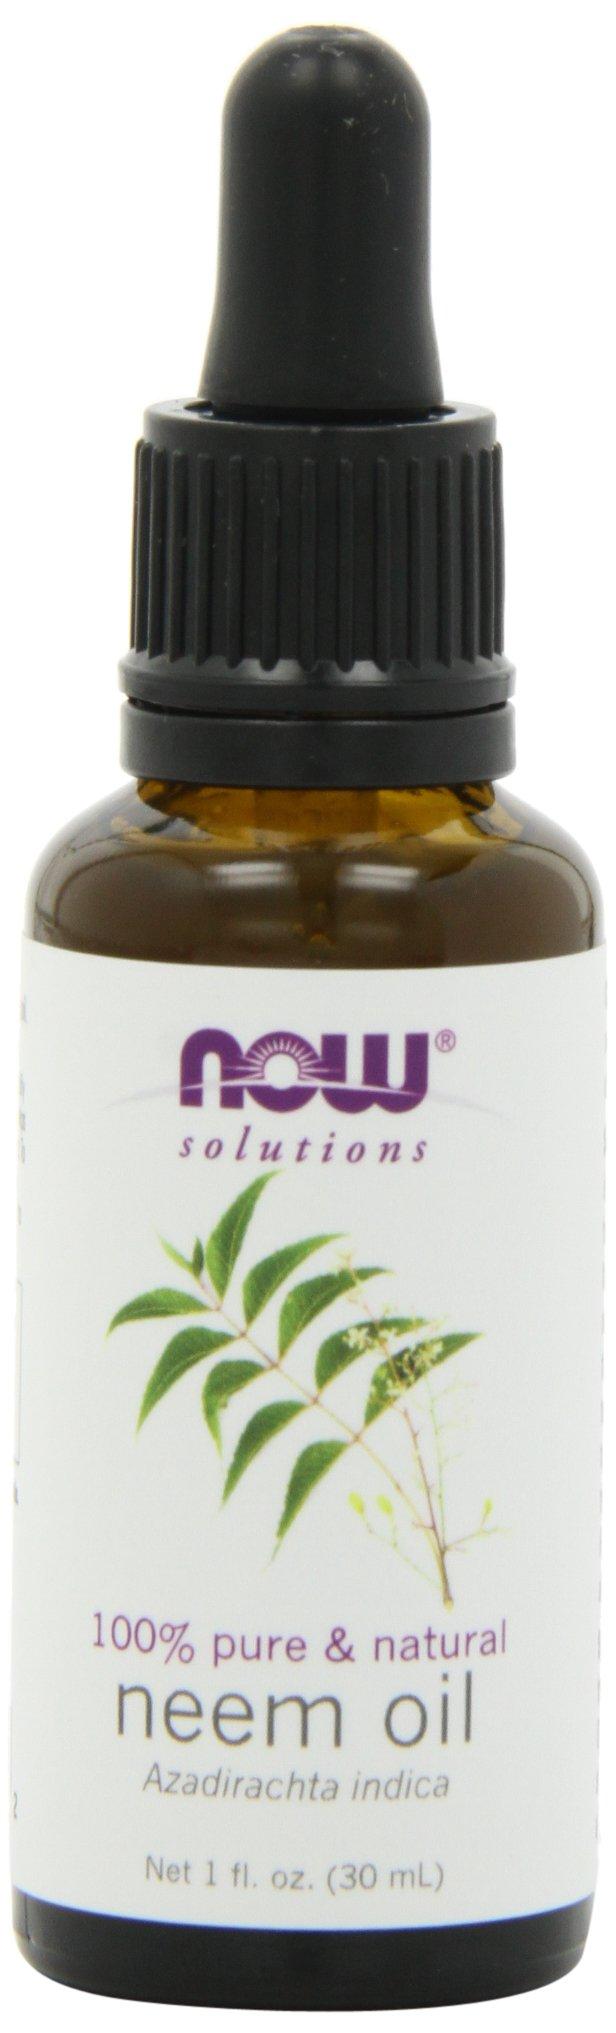 NOW  Neem Oil, 1-Ounce